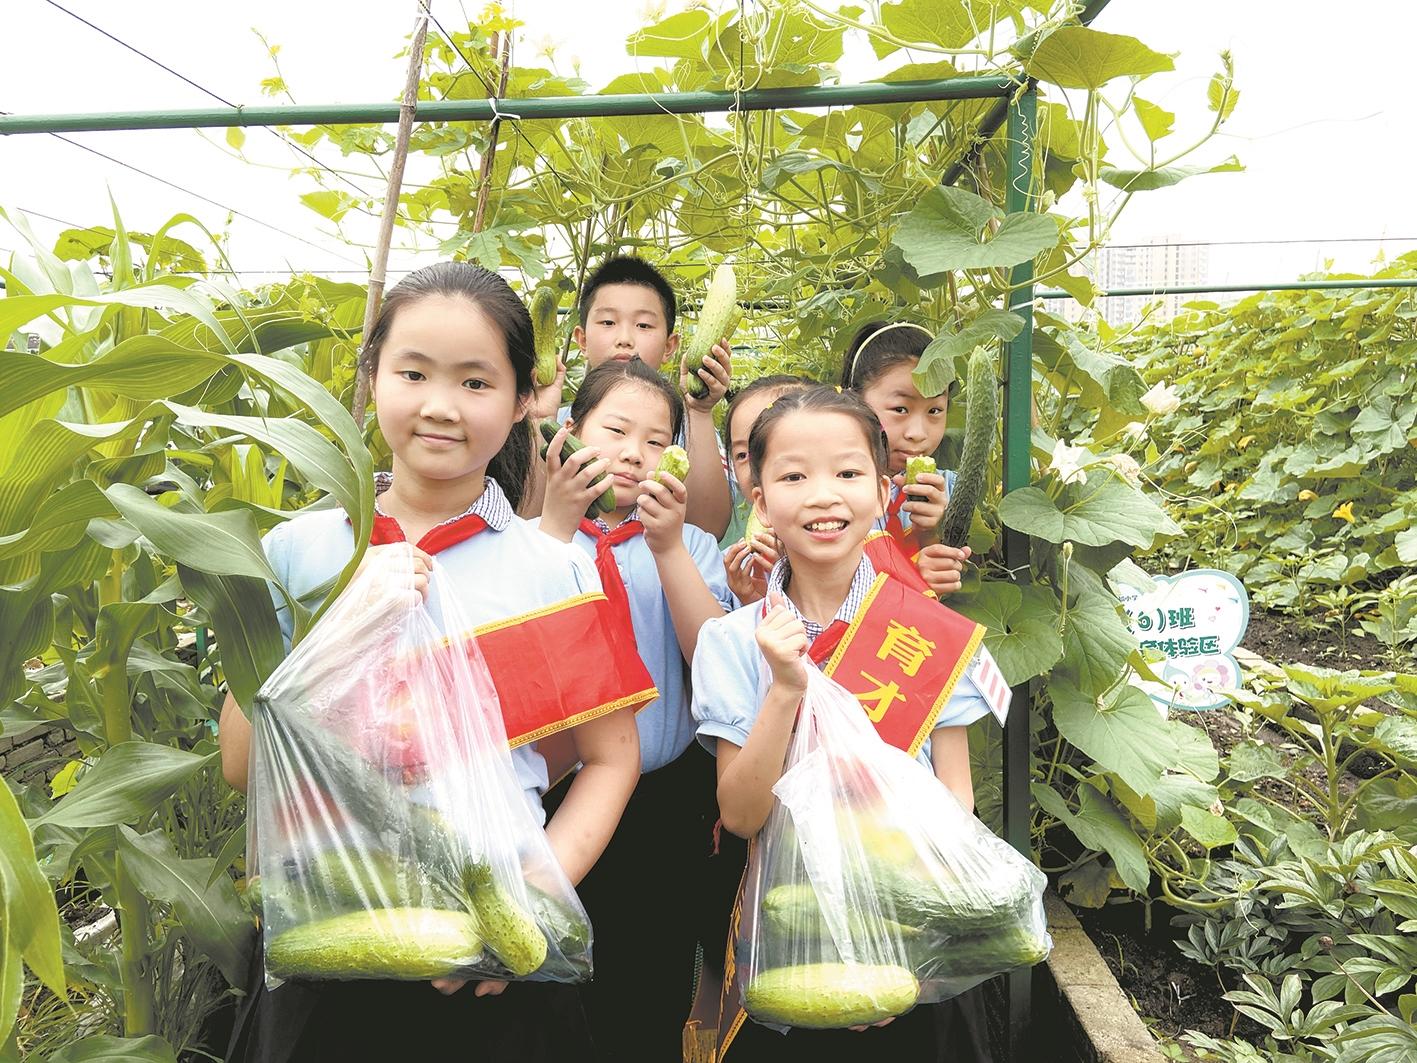 自己种的瓜果蔬菜熟了 孩子们和父母采摘分享喜悦